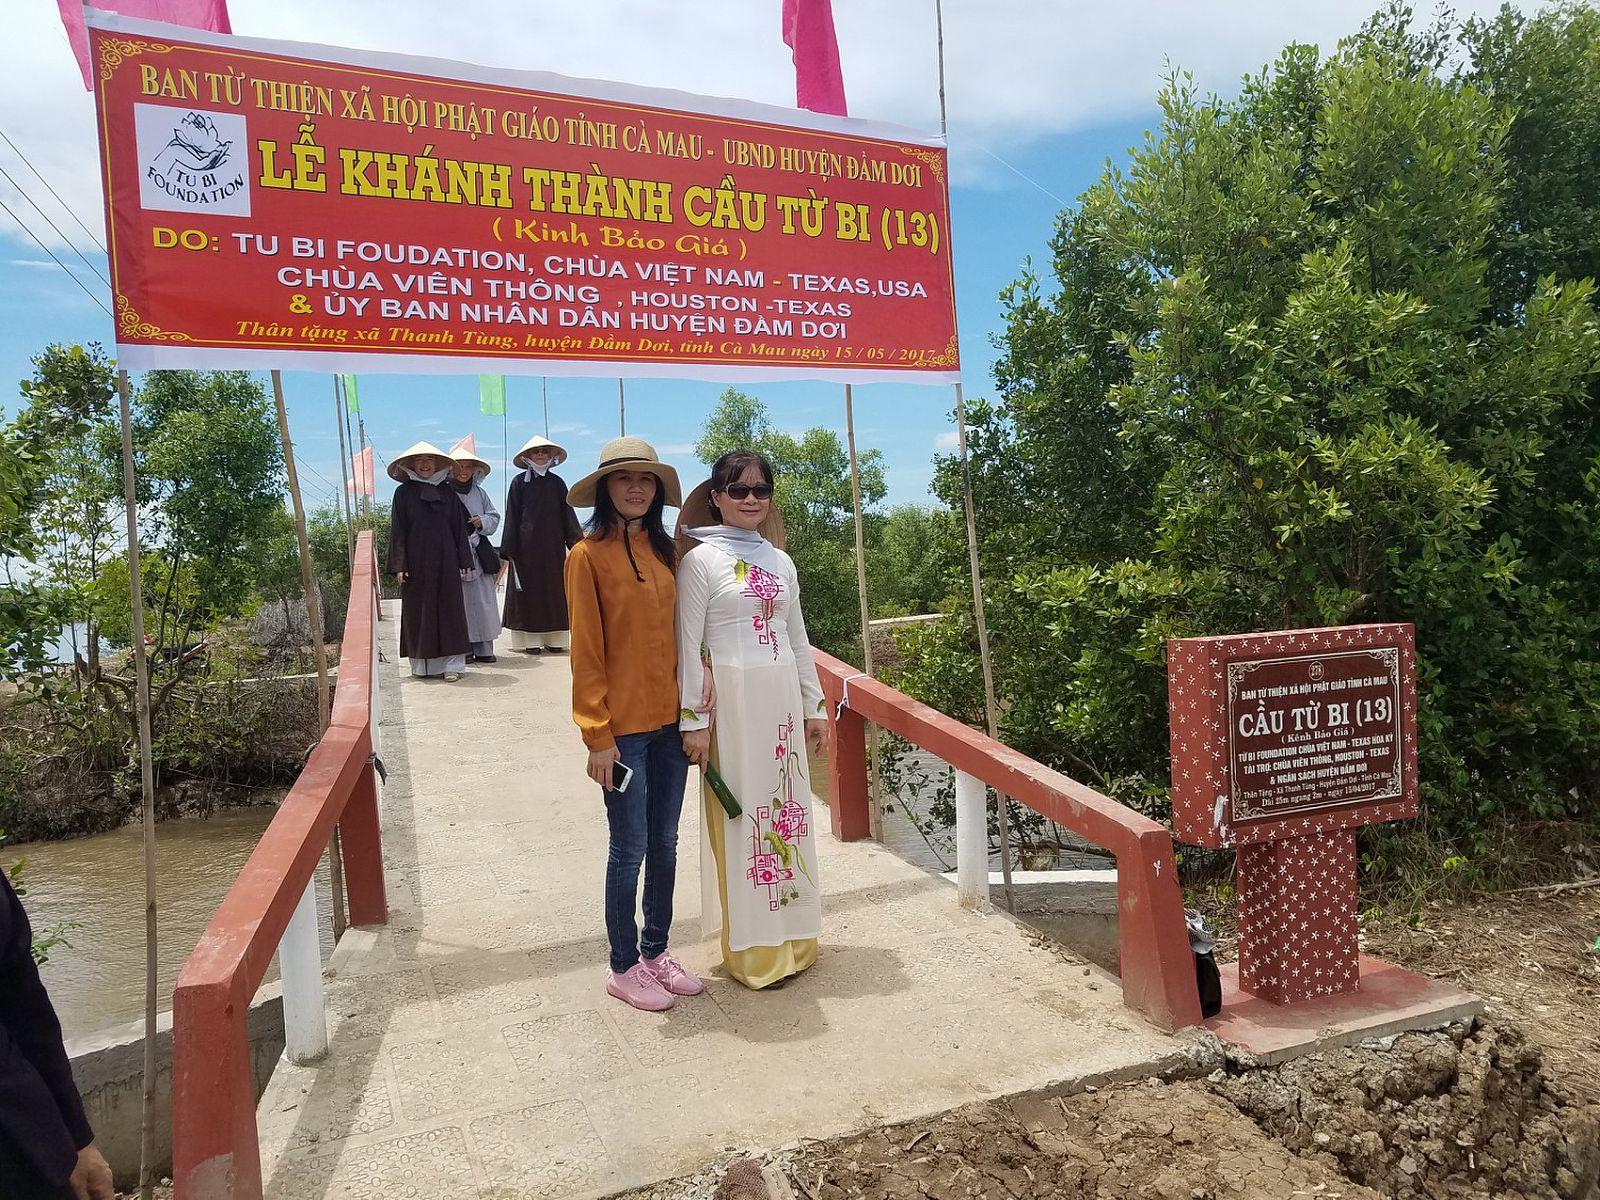 Cau Tu Bi 13 - Vien Thong (32)